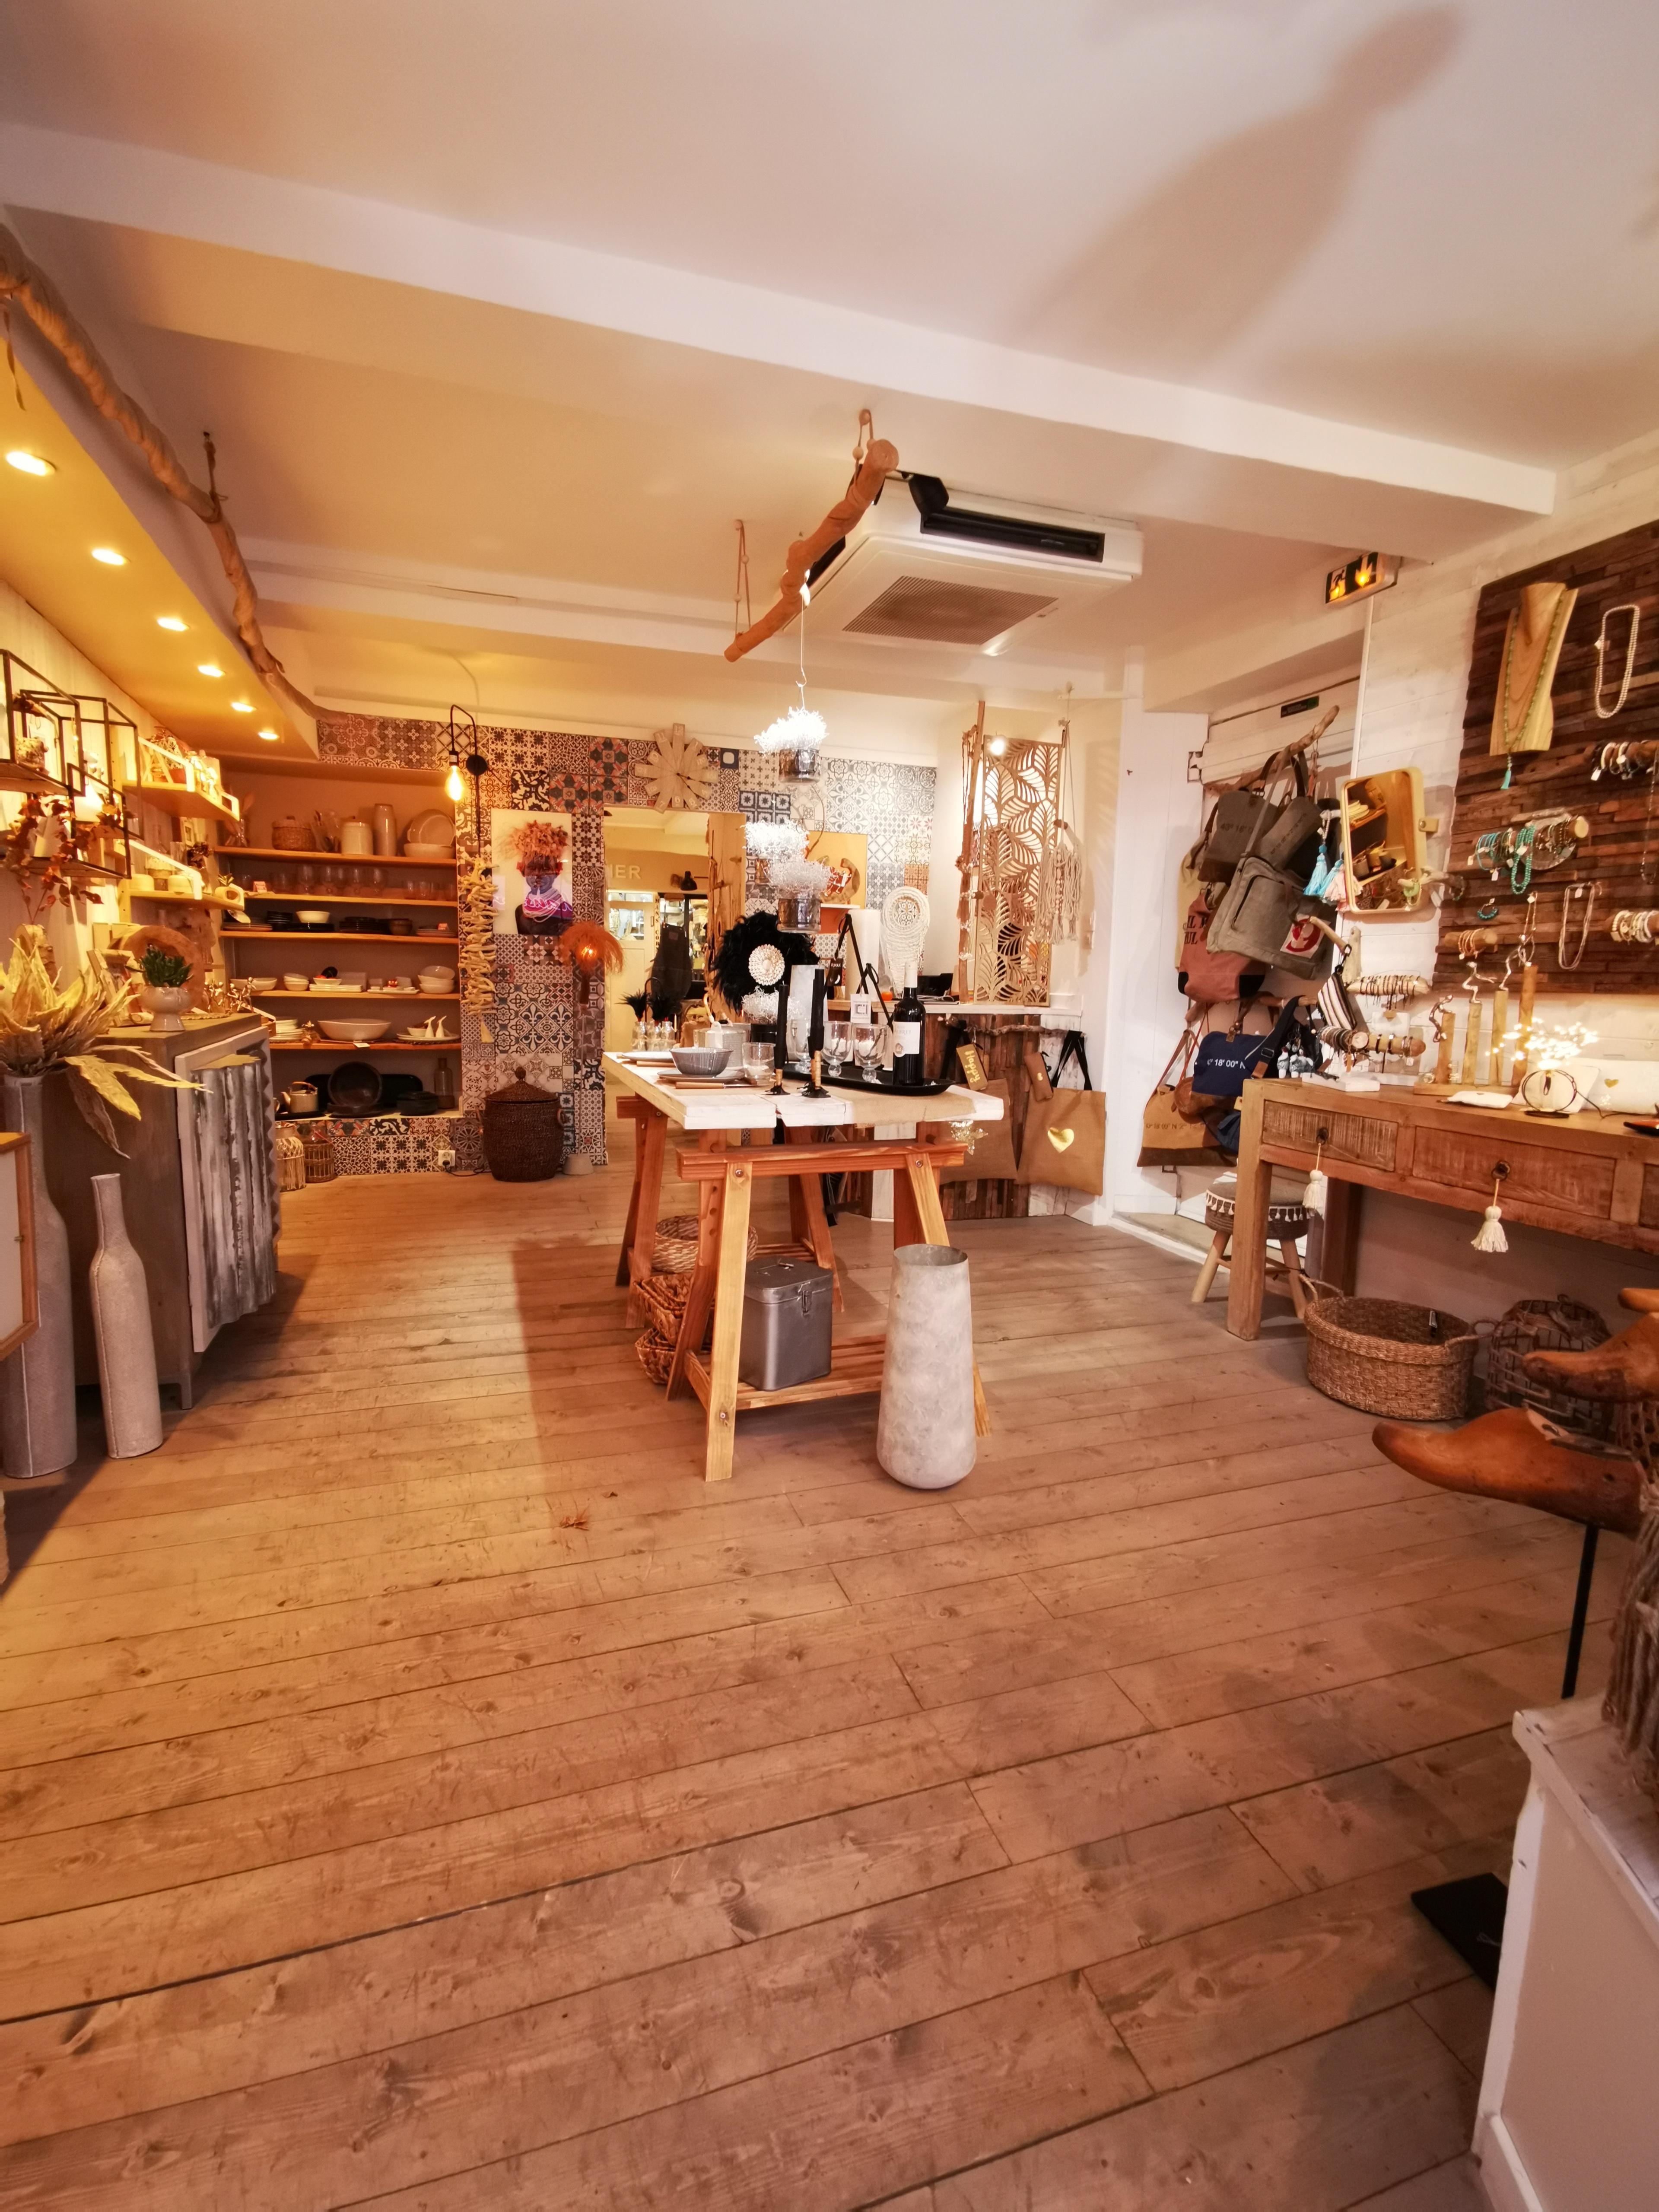 Vente Local commercial actuellement Décoration, Bazar / cadeaux, Bijouterie, Art de la table, 53 m2 à Saint-Raphaël centre-ville dans une rue semi piétonne (24160)